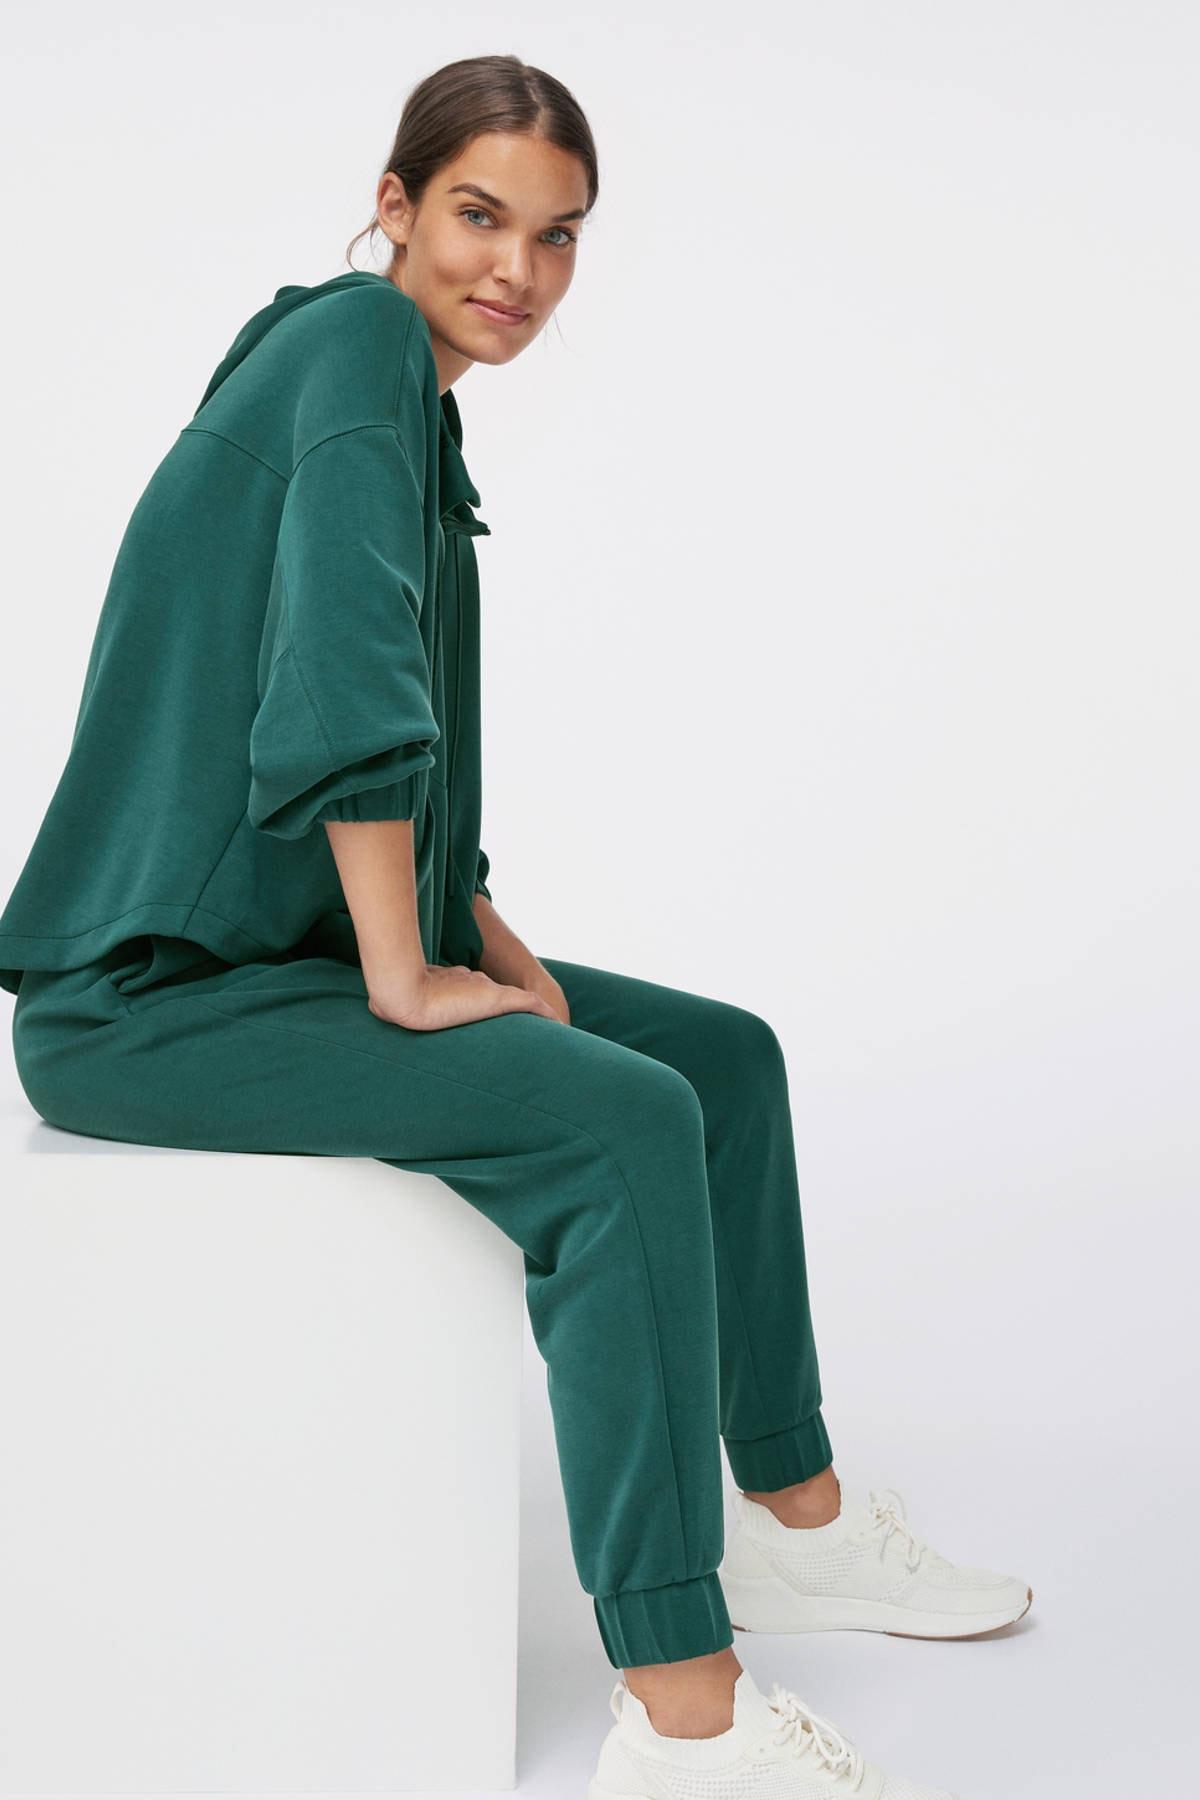 Oysho Kadın Yeşili Önü Büyük Cepli Yumuşak Dokulu Sweatshirt 1